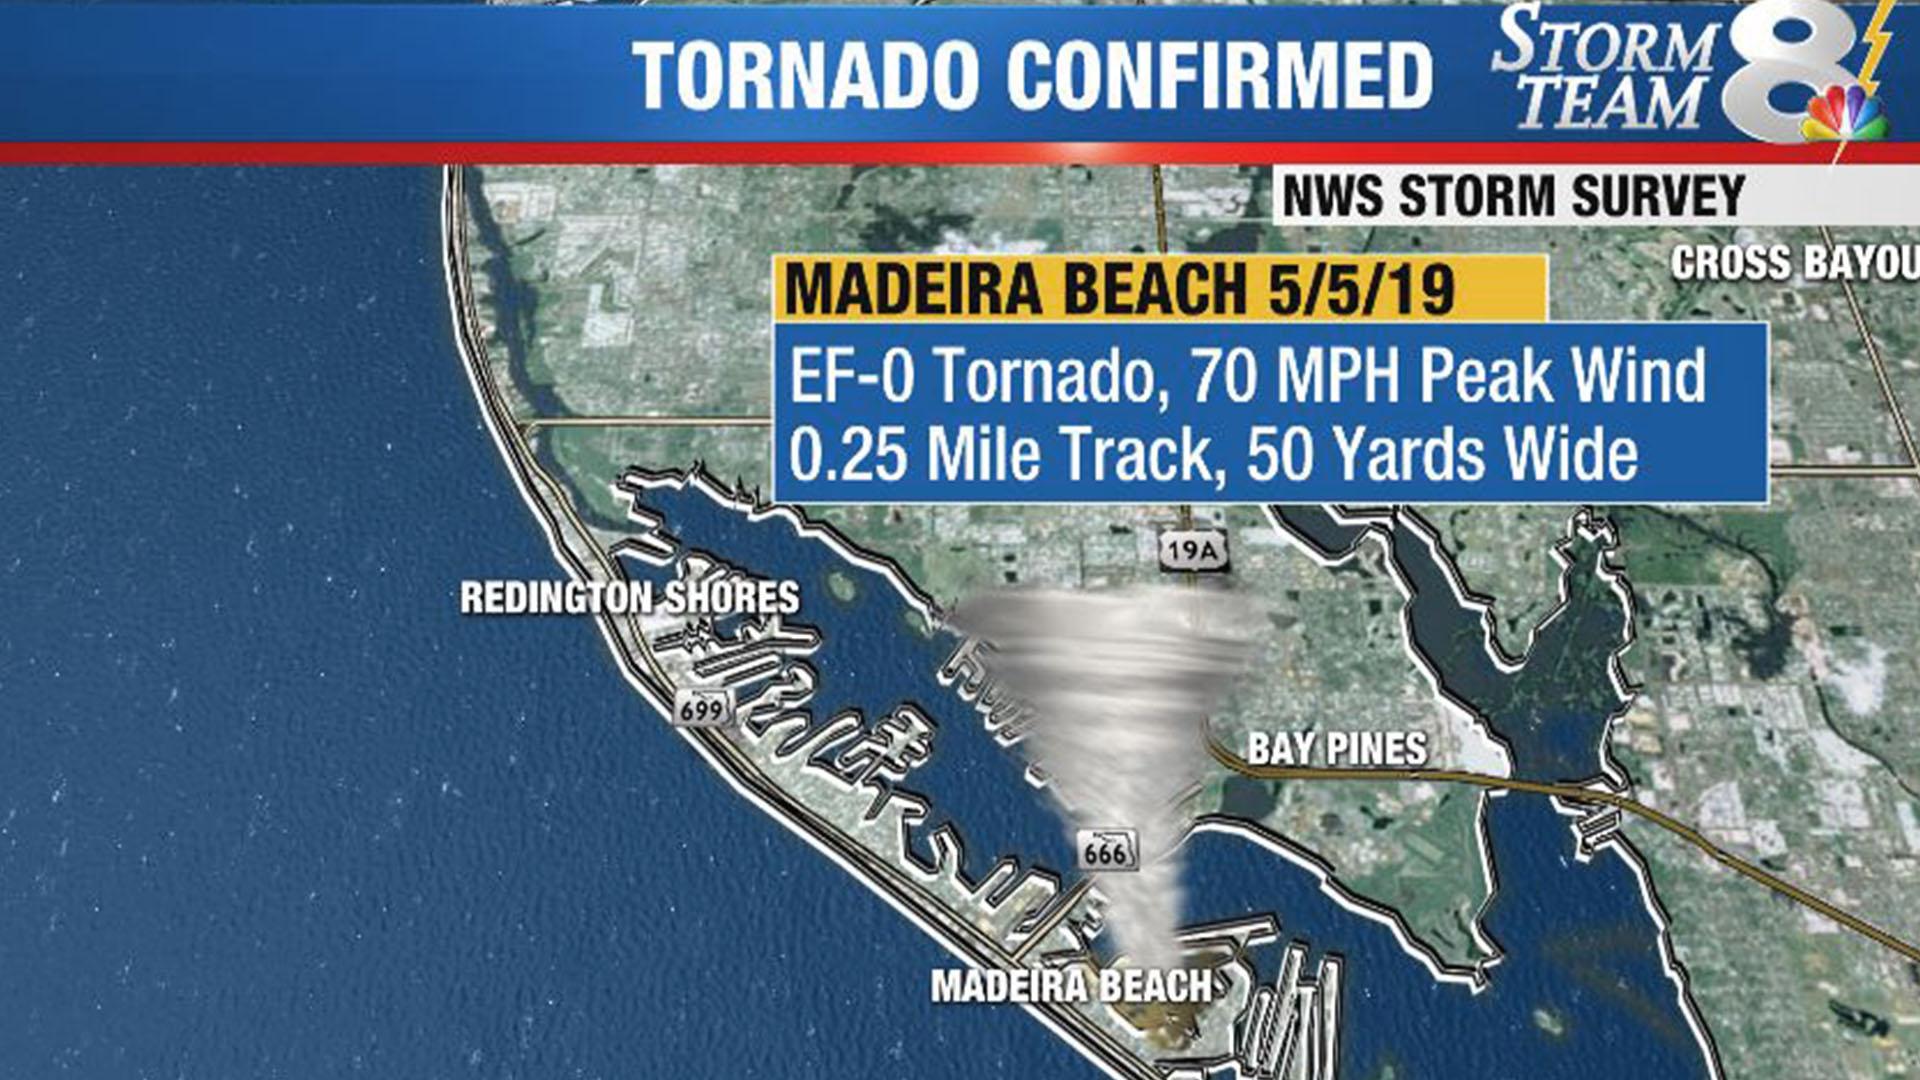 Tornado Confirmed_1557161148290.jpg.jpg